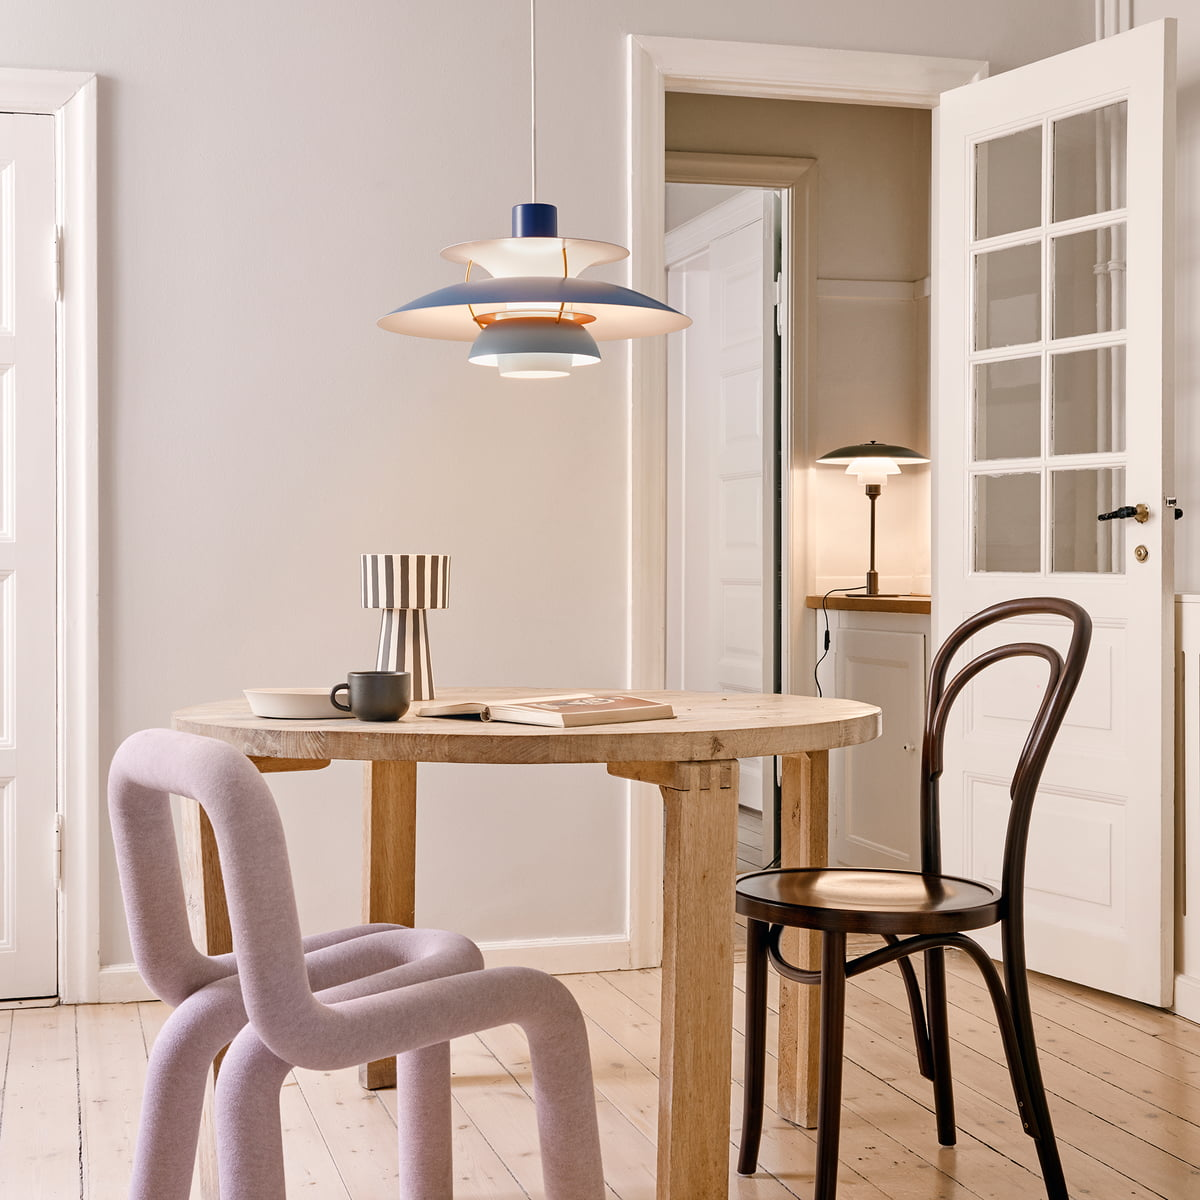 ph 5 pendelleuchte von louis poulsen connox. Black Bedroom Furniture Sets. Home Design Ideas